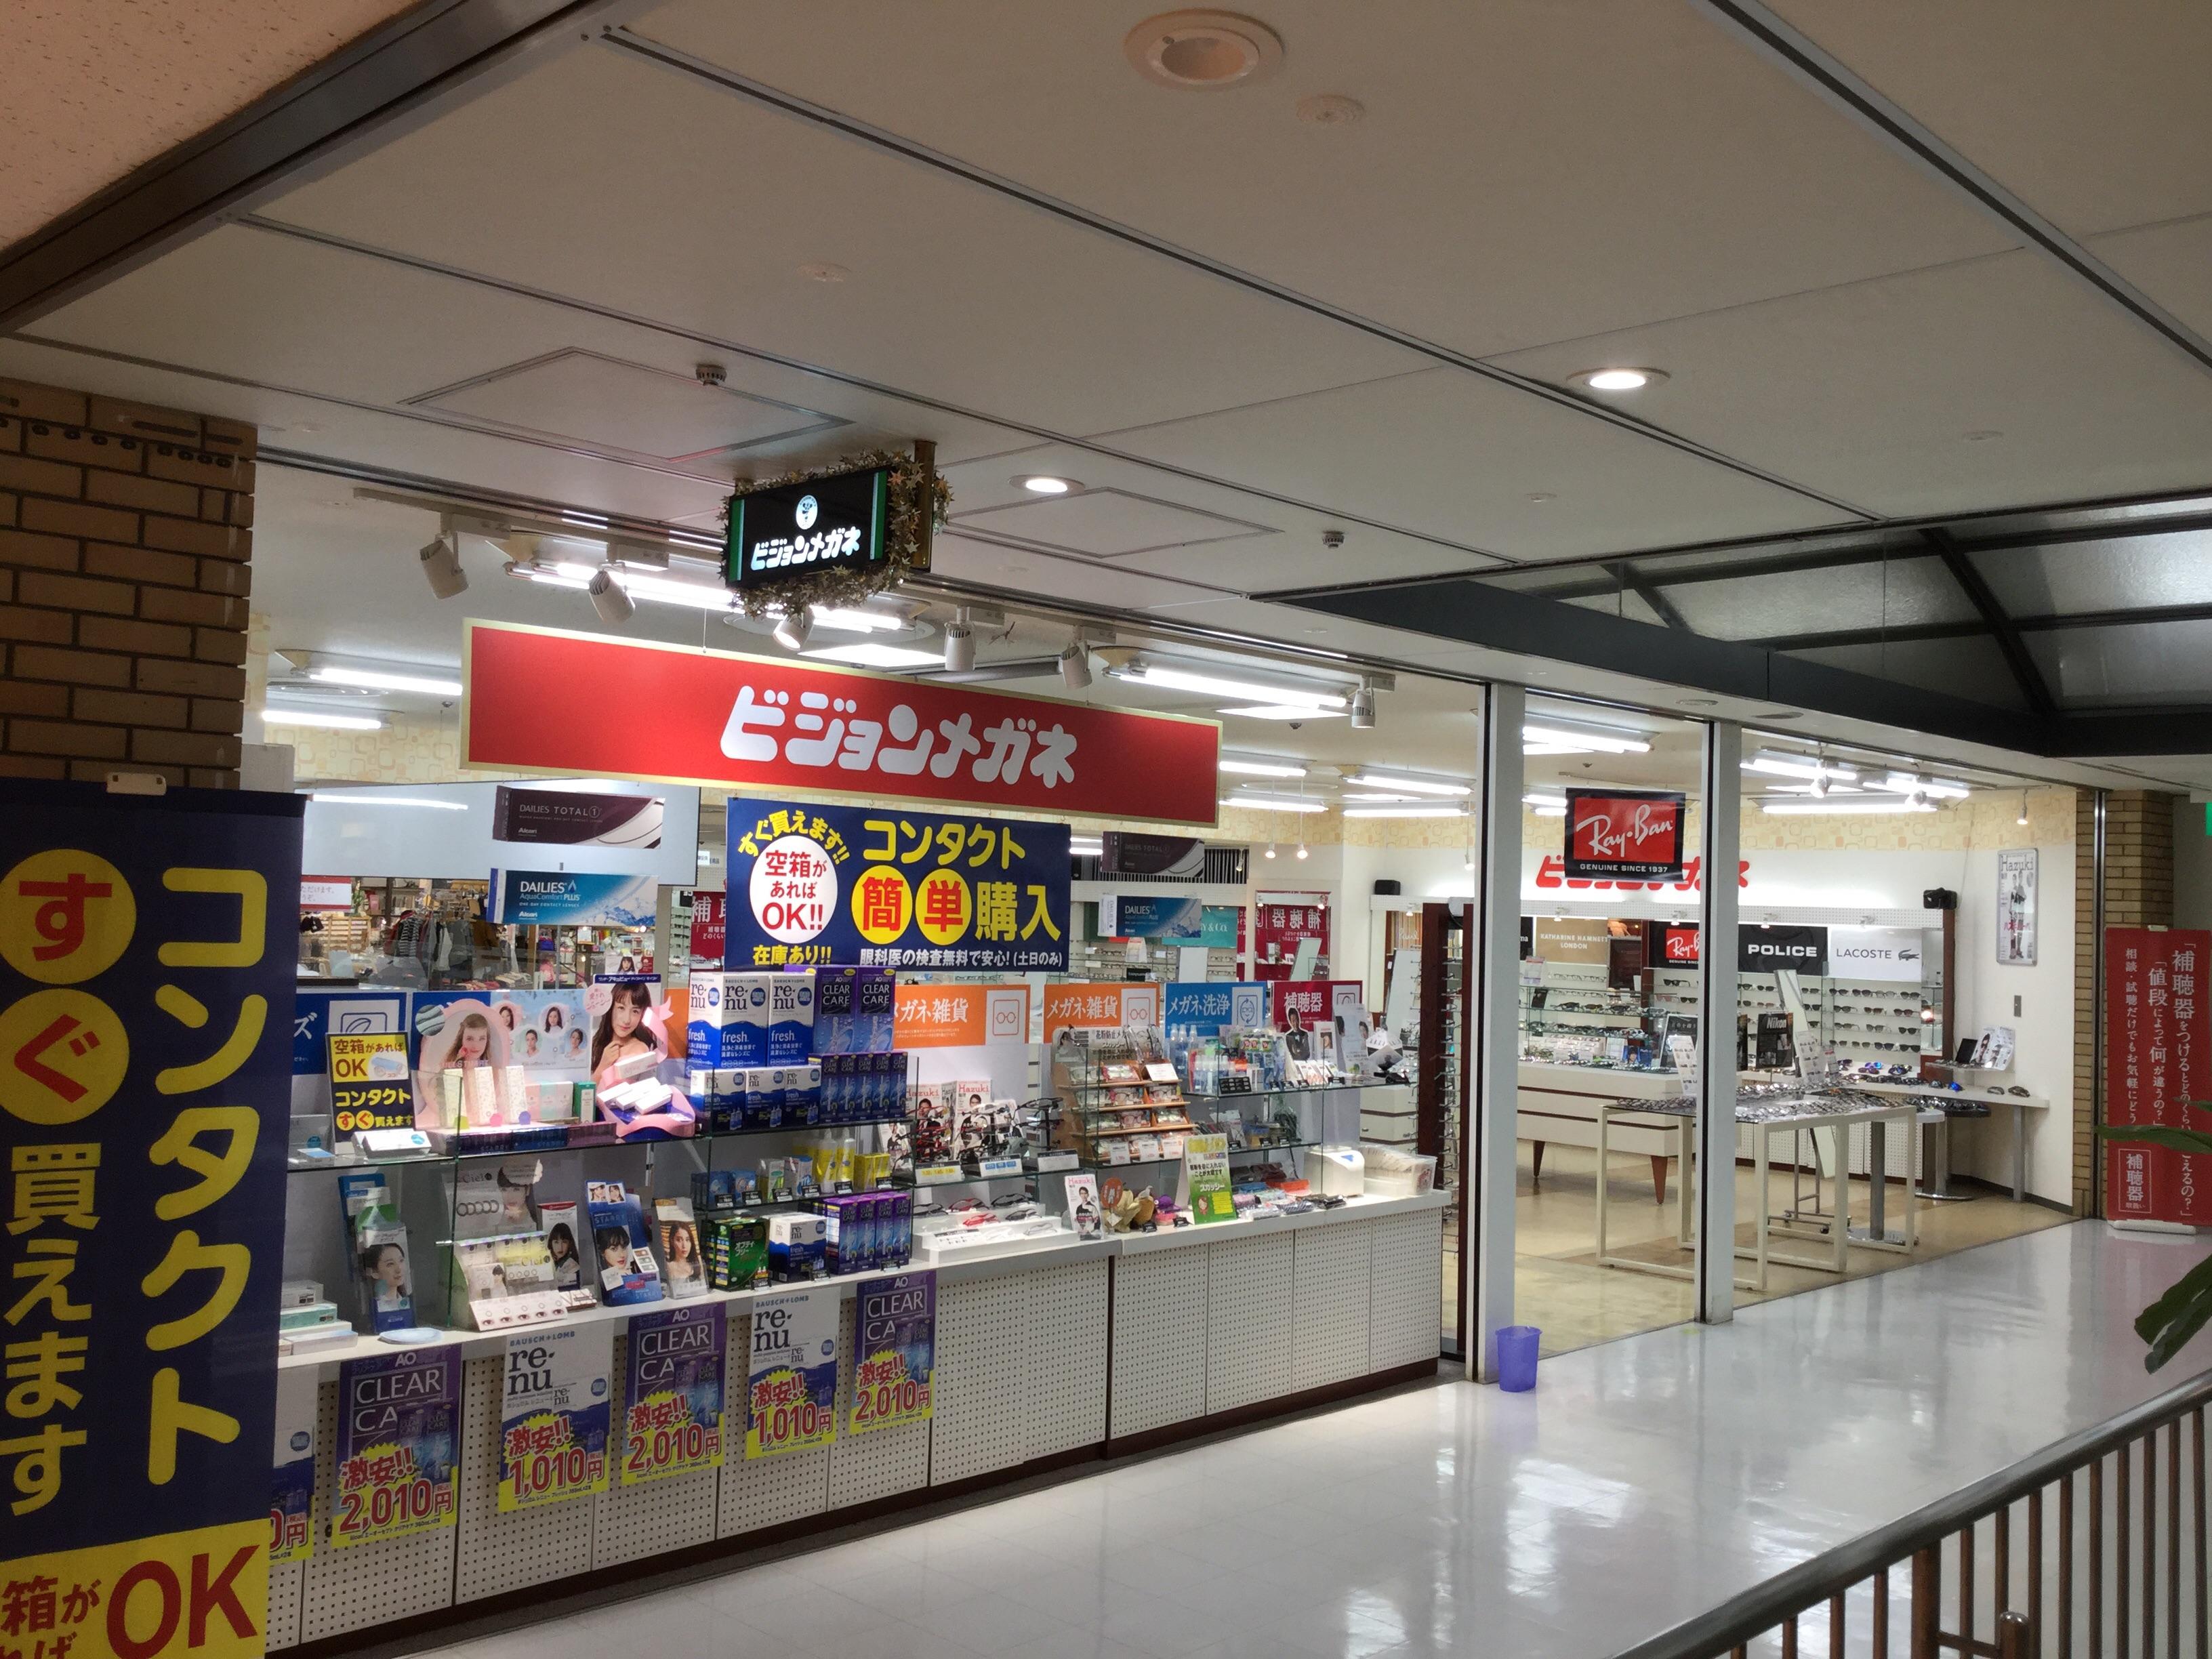 ビジョンメガネ 笹塚ショッピングモール店画像1